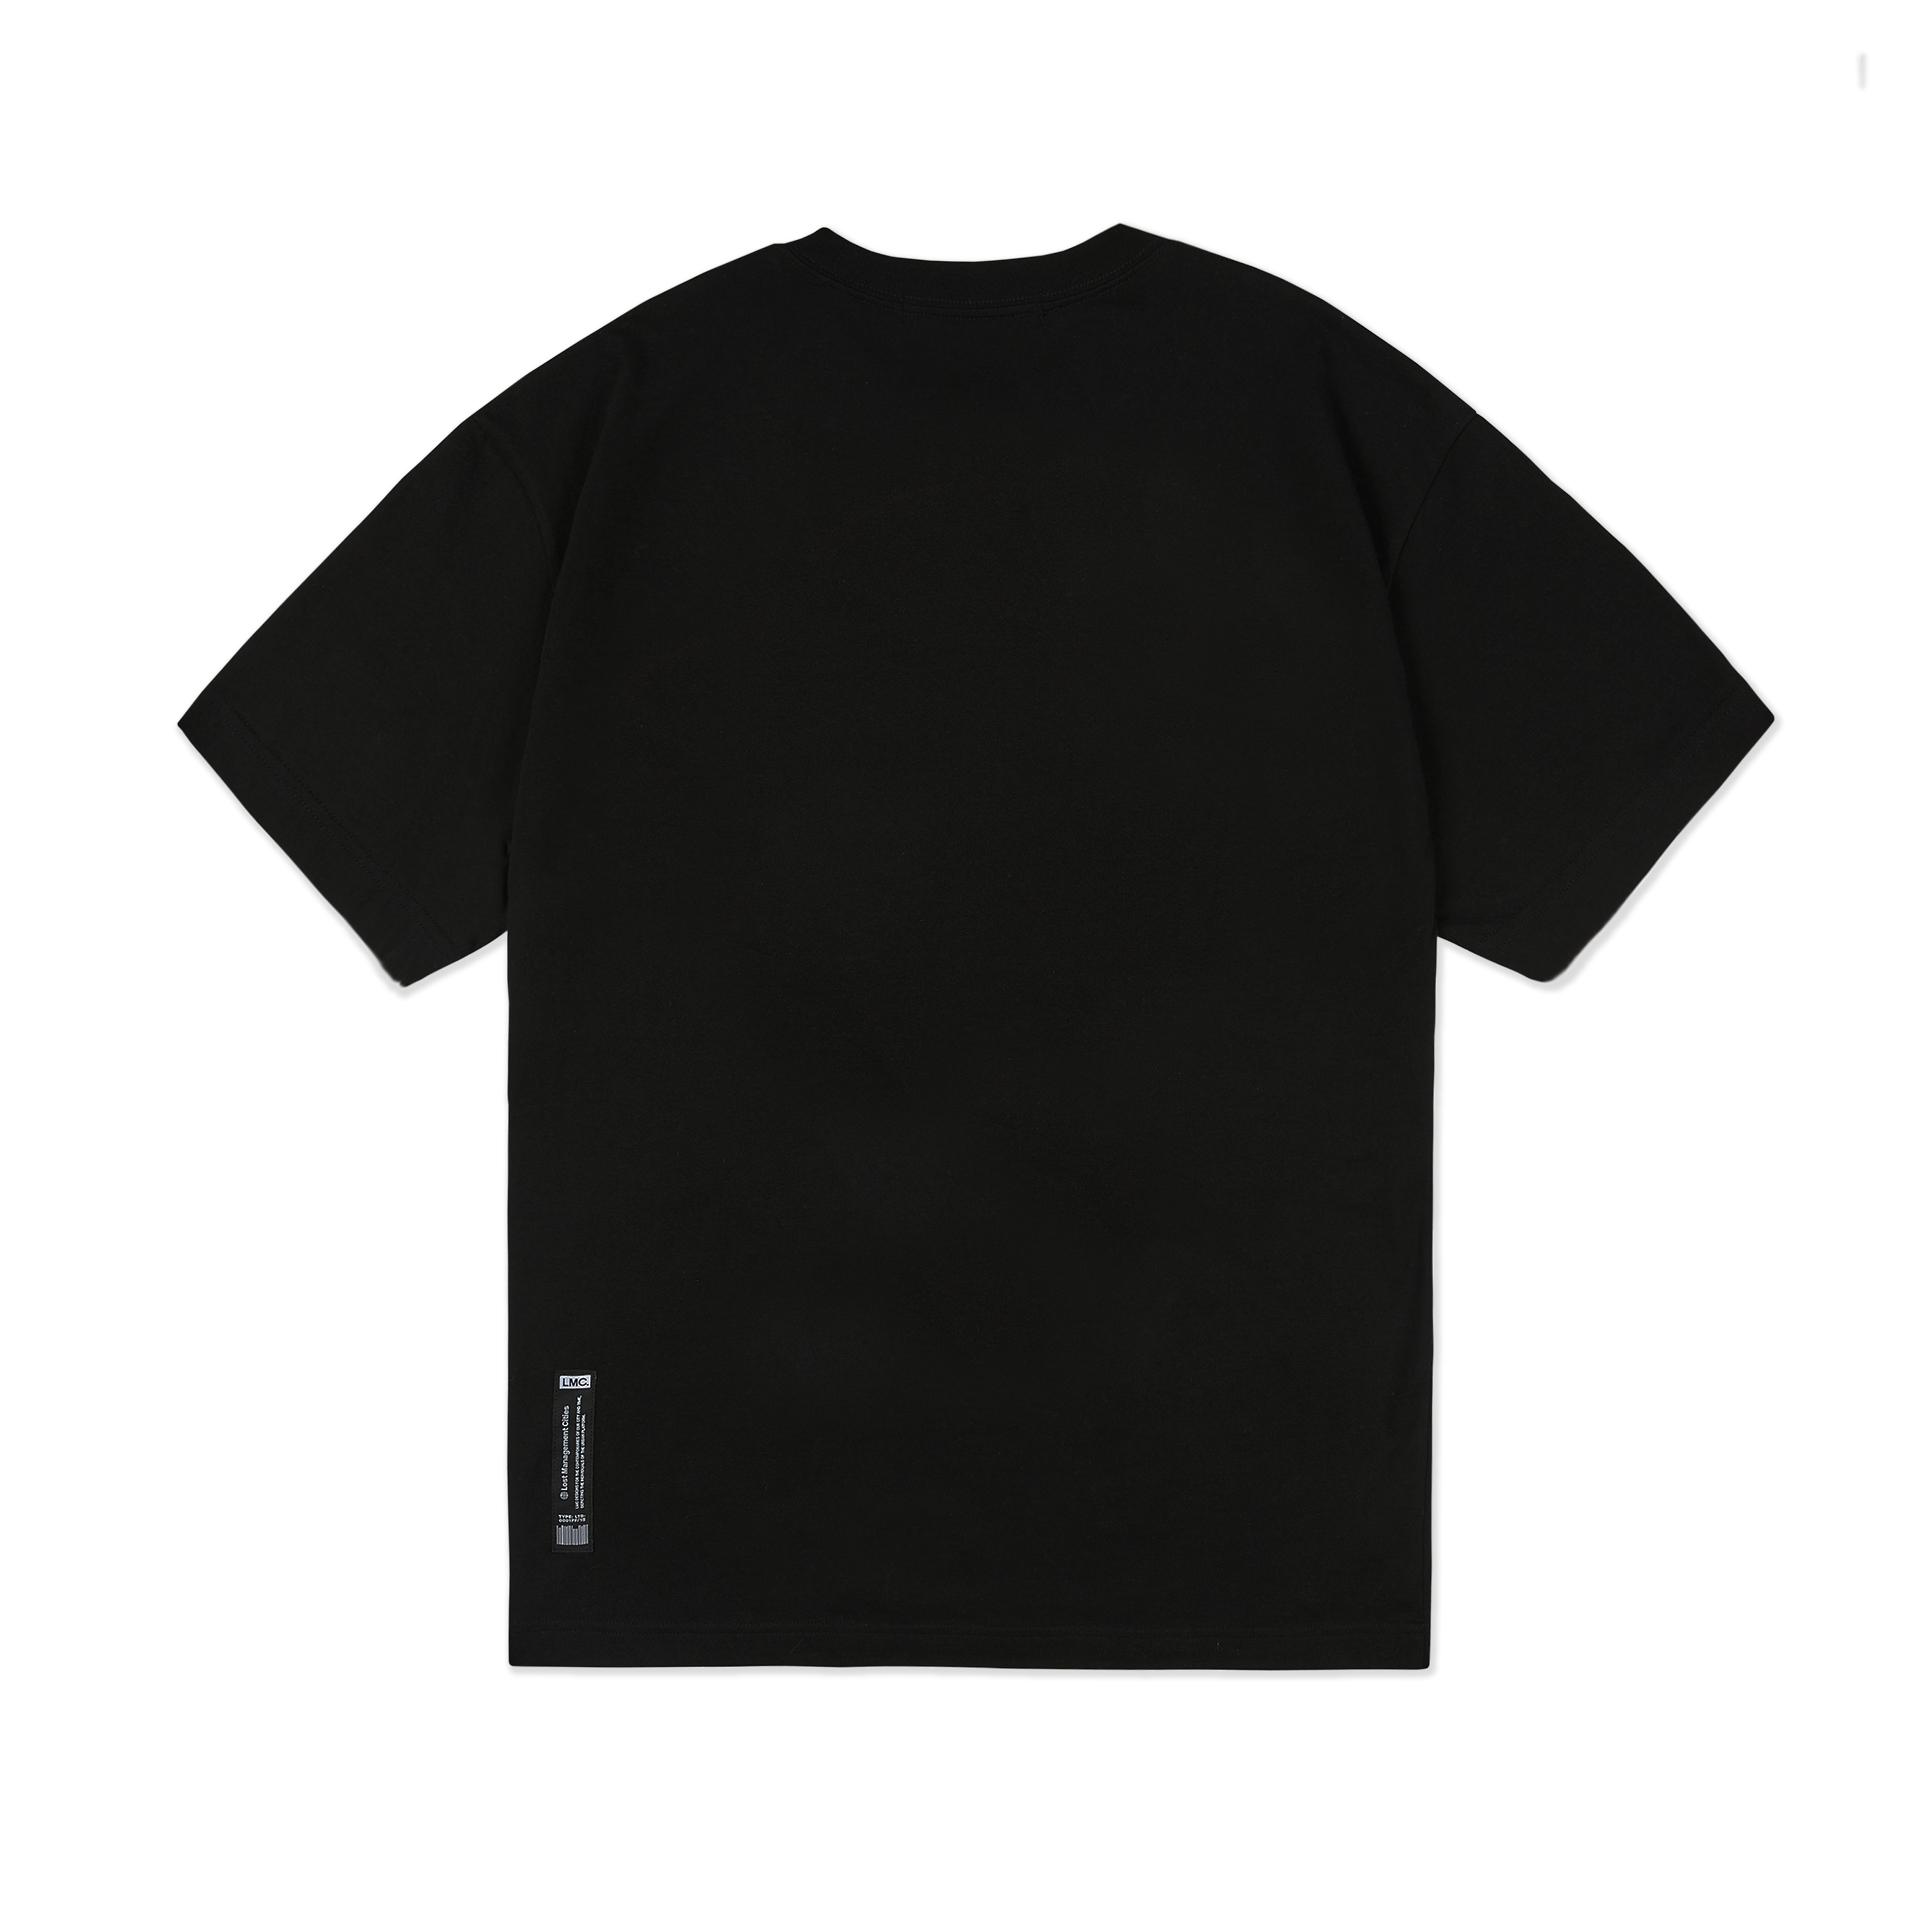 엘엠씨(LMC) LMC CAPITAL FN EMB TEE black